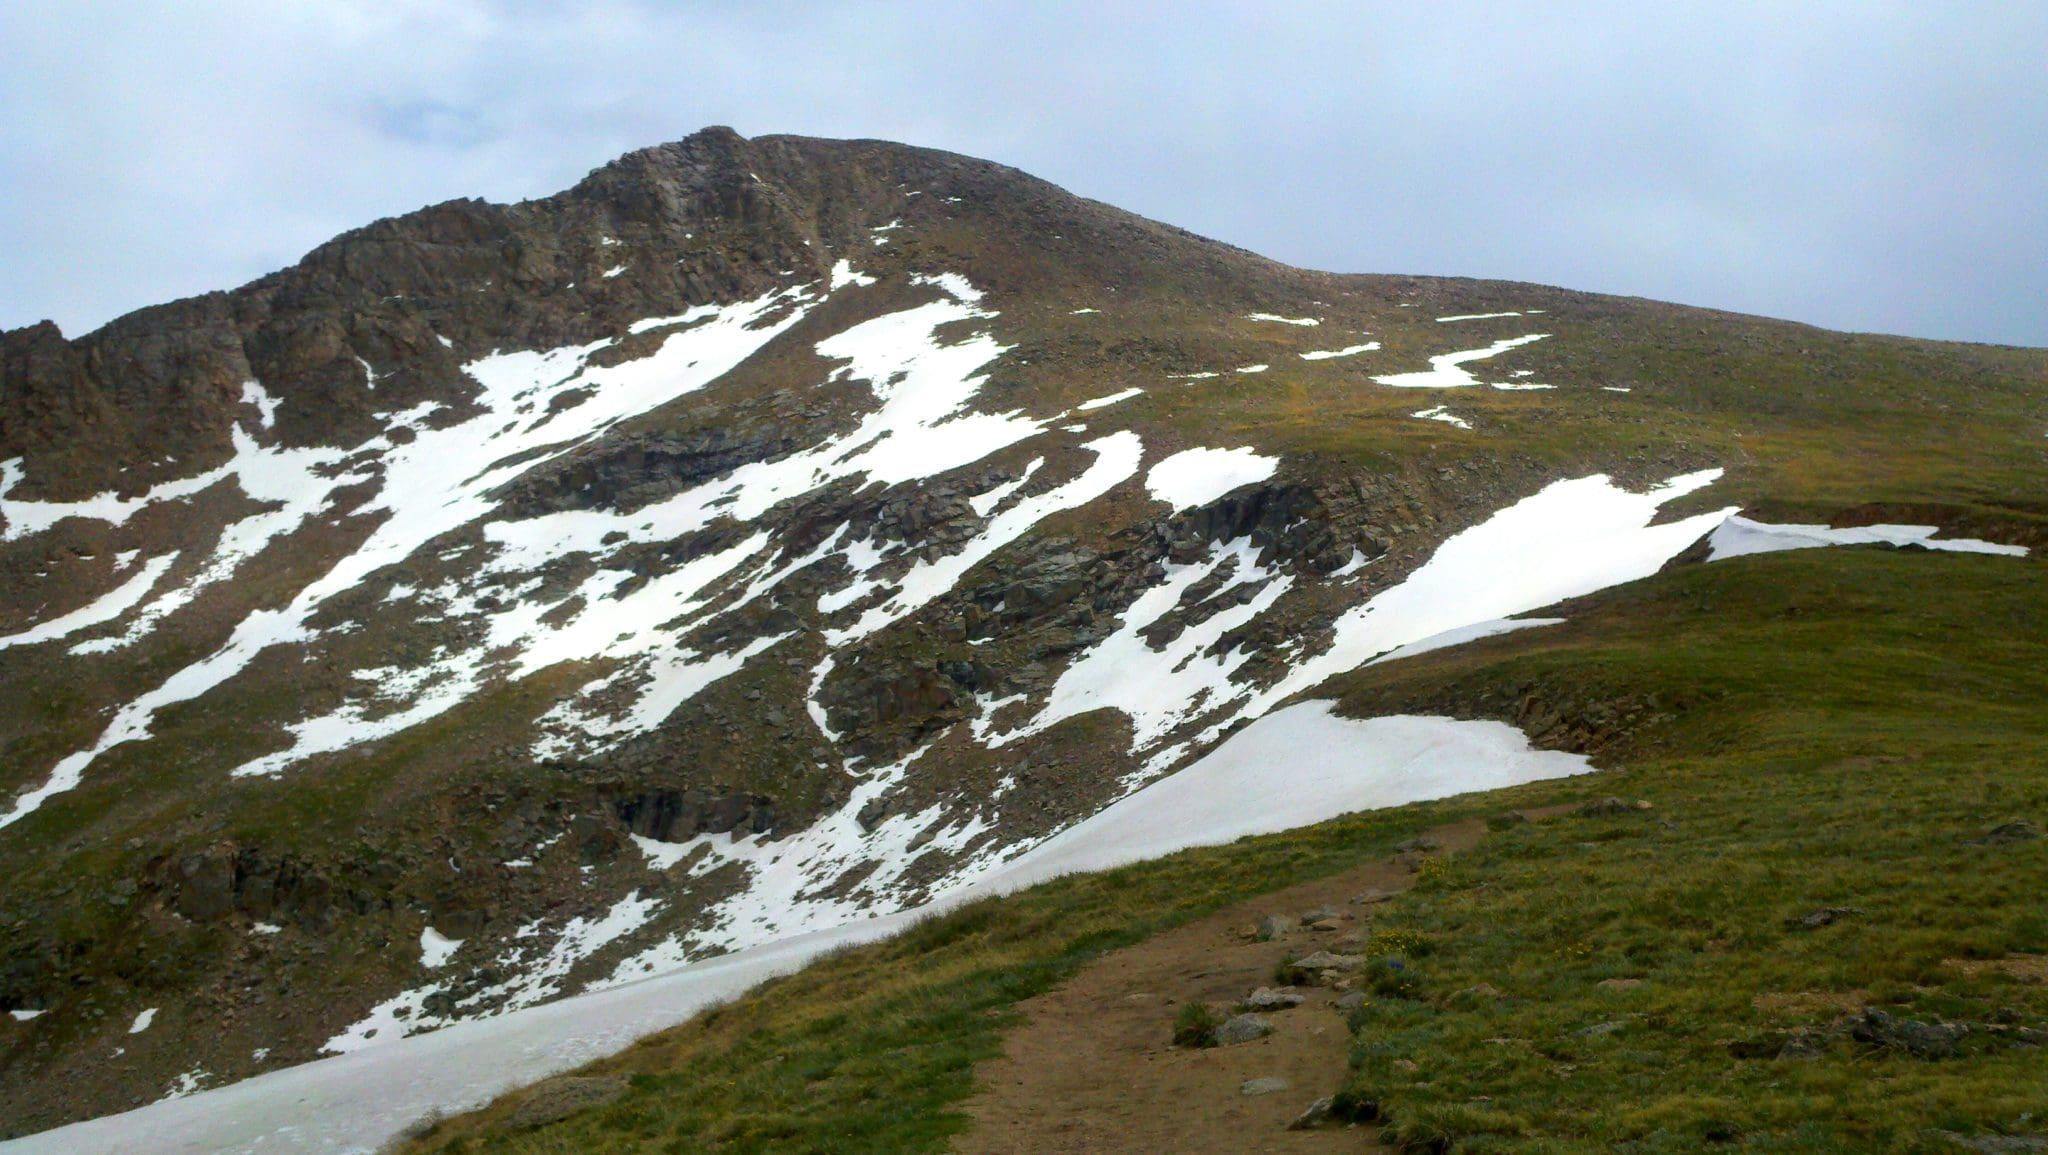 Mt Bierstadt trail to the summit